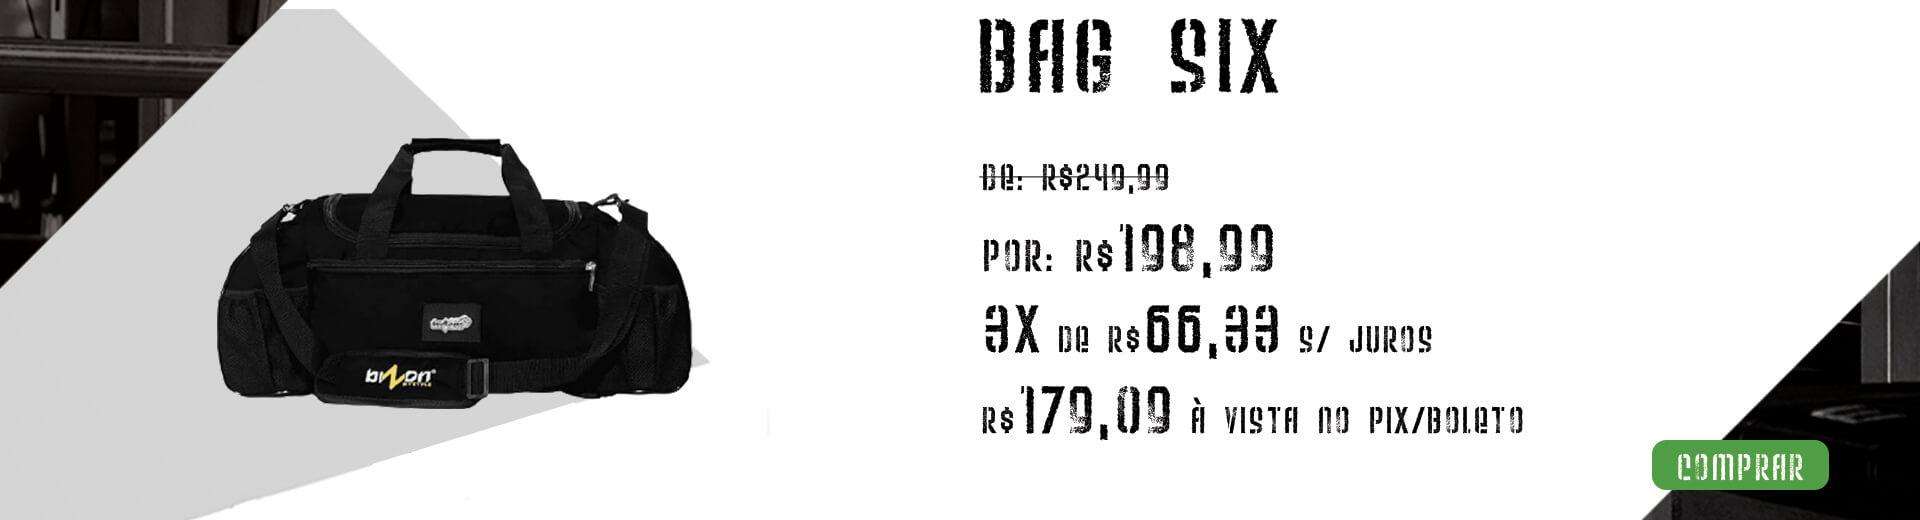 Bag Six